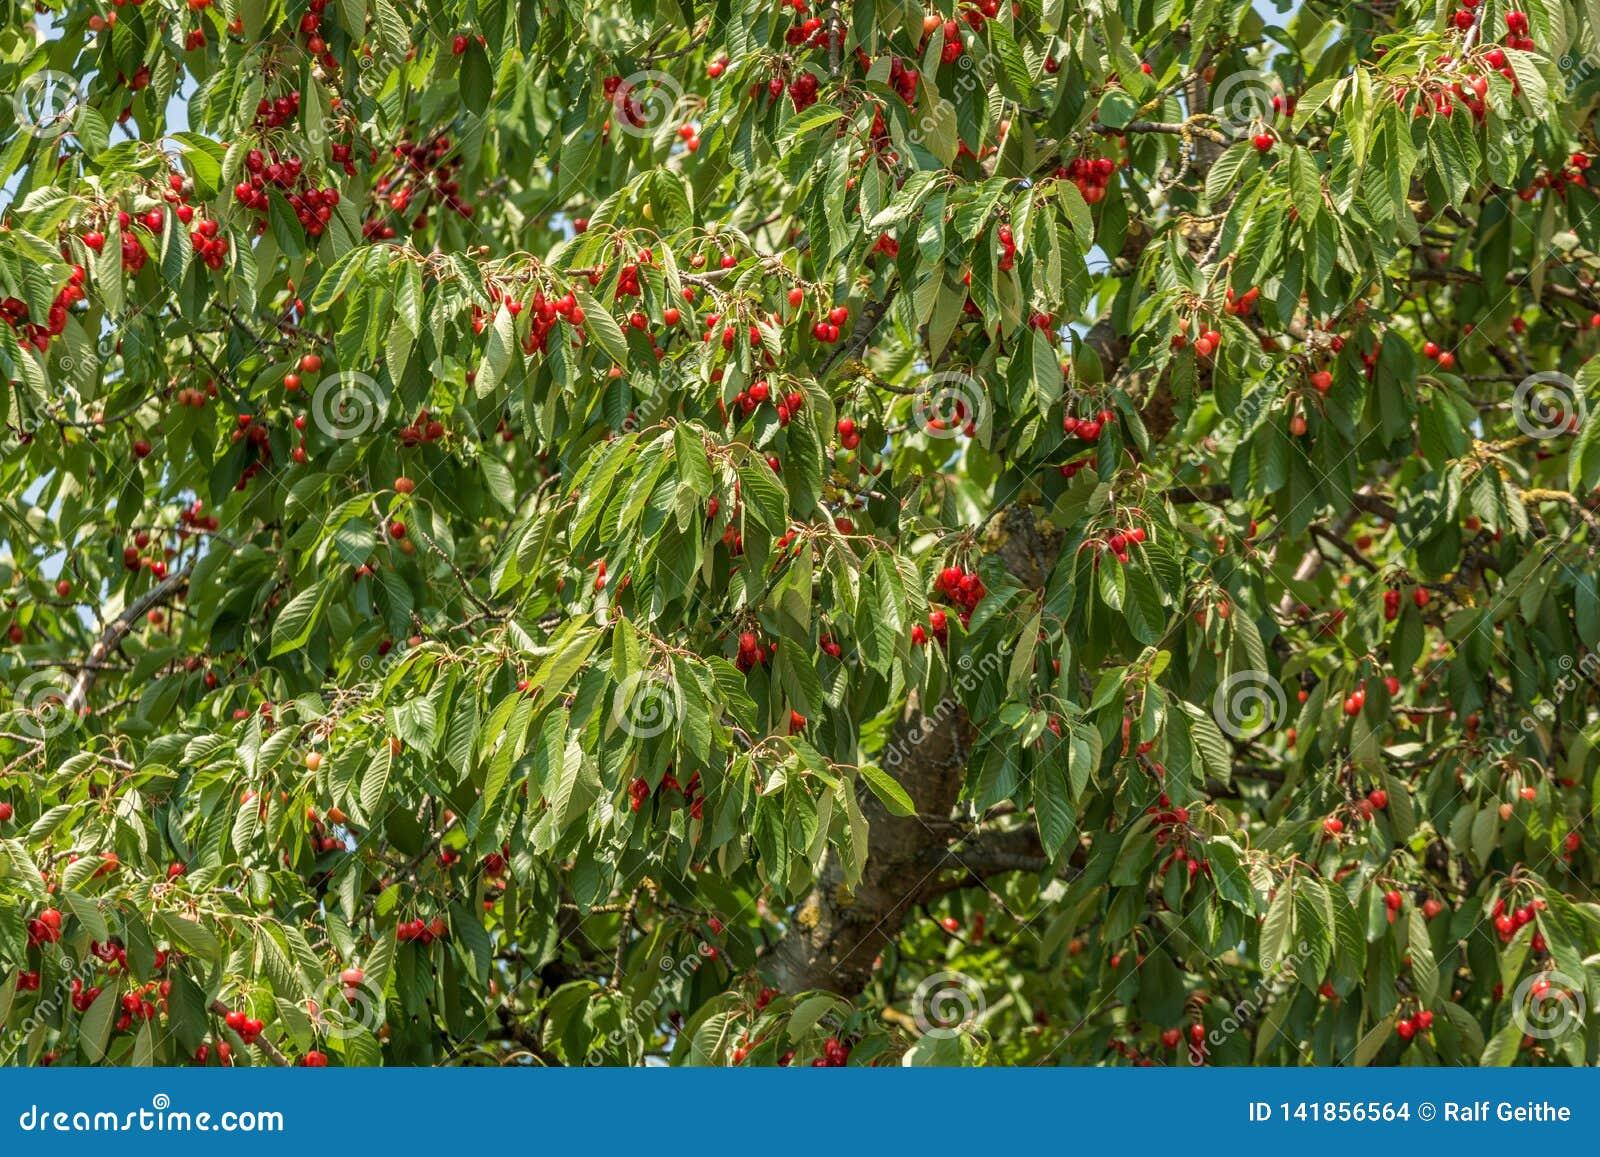 Cerezo por completo de cerezas maduras rojas